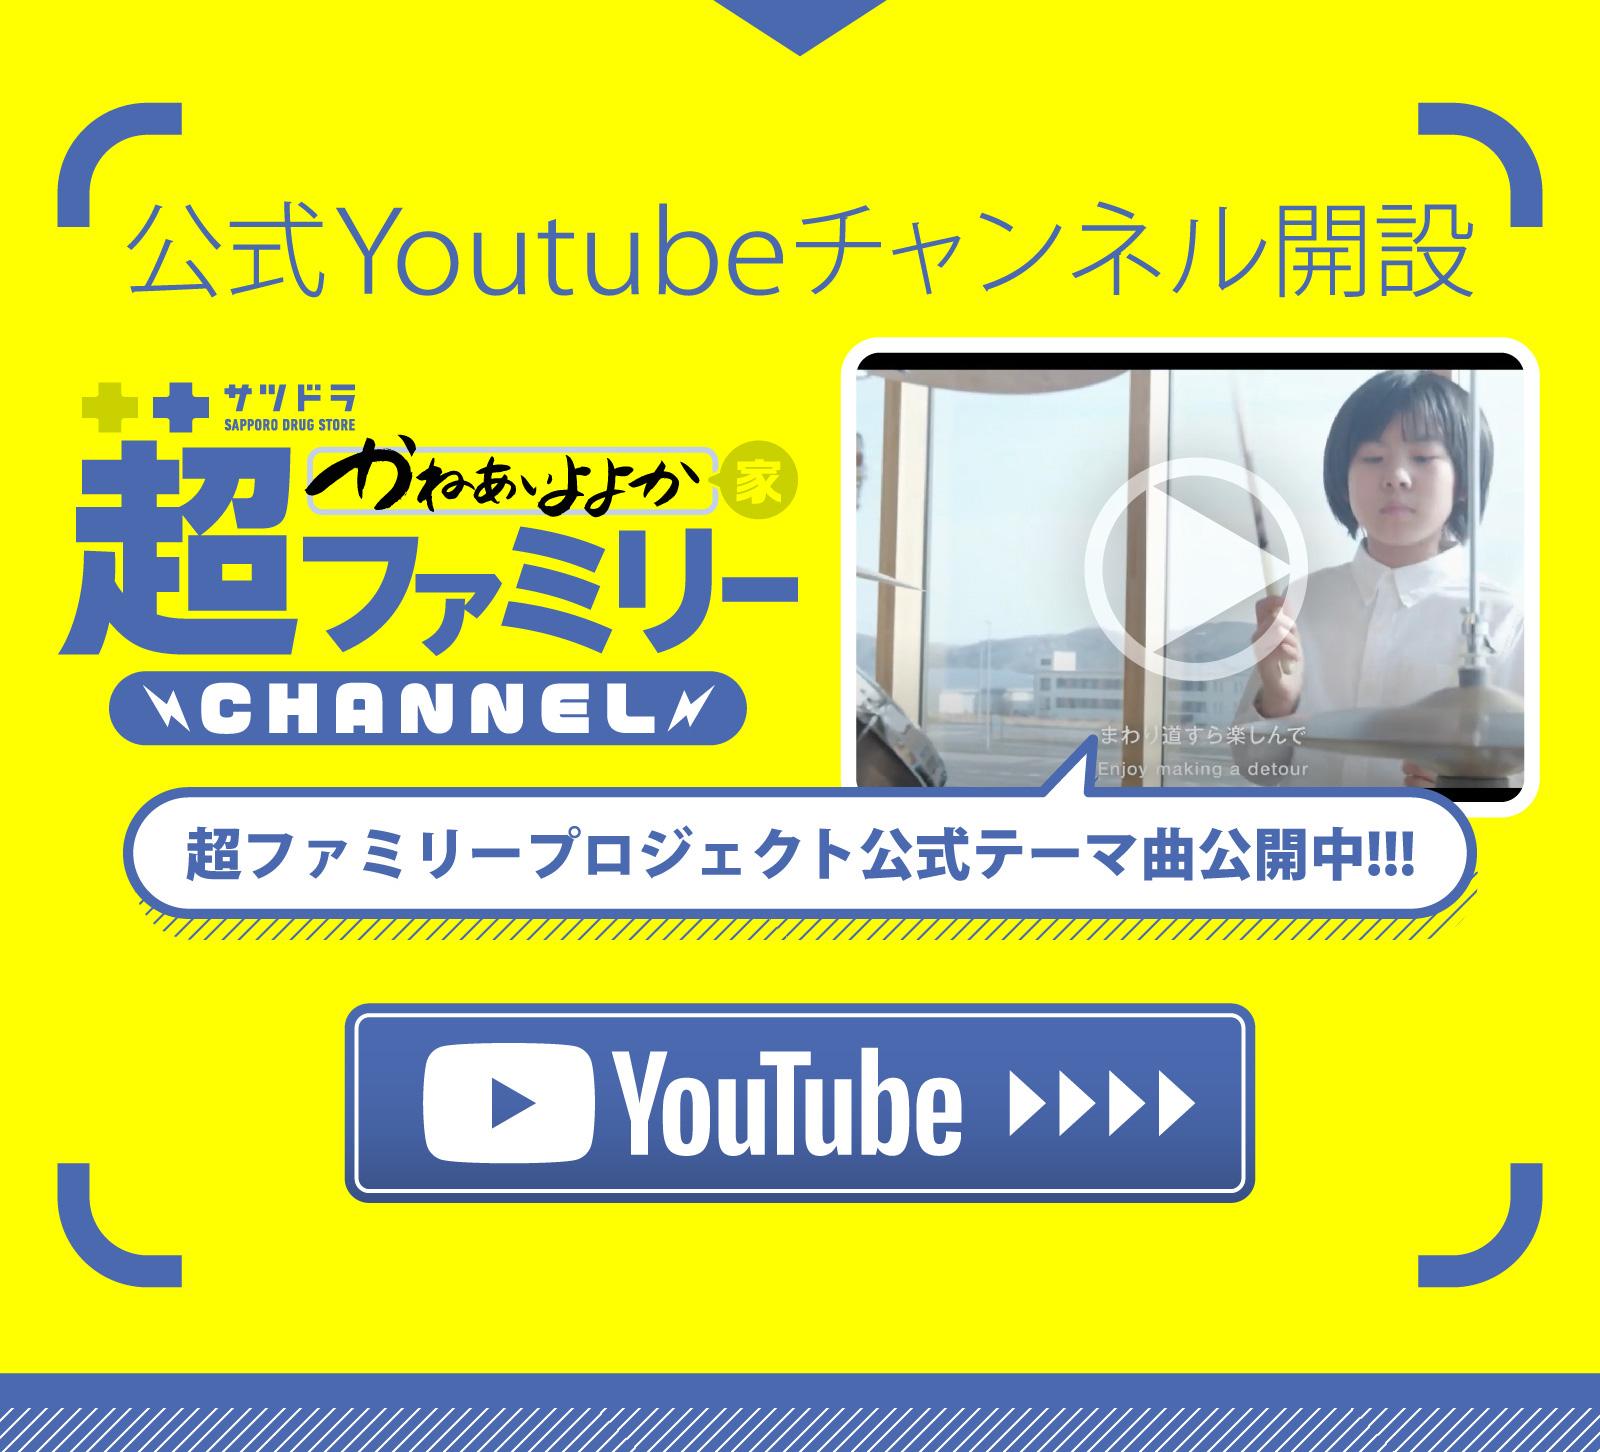 超ファミリープロジェクト公式Youtubeチャンネル開設!